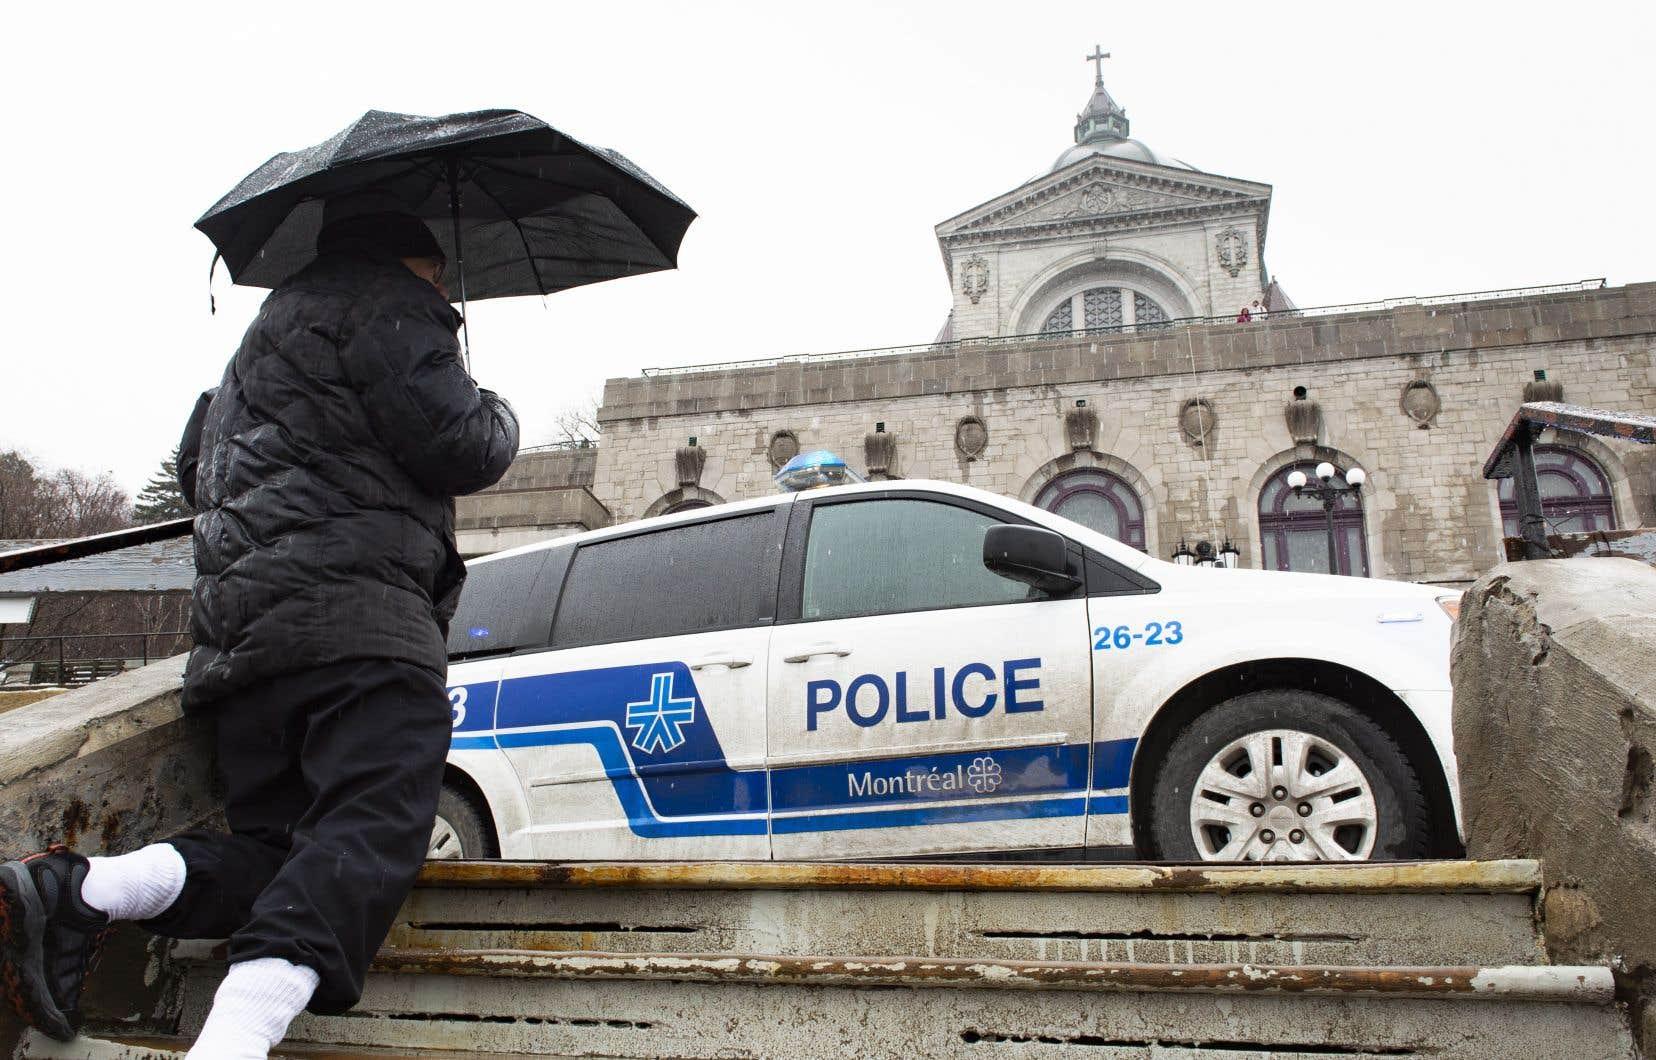 L'agression est survenue vendredi peu après 8h30. Un homme s'est dirigé d'un pas rapide et déterminé derrière l'autel, a sorti un couteau et l'a porté contre le prêtre Claude Grou à au moins deux reprises.